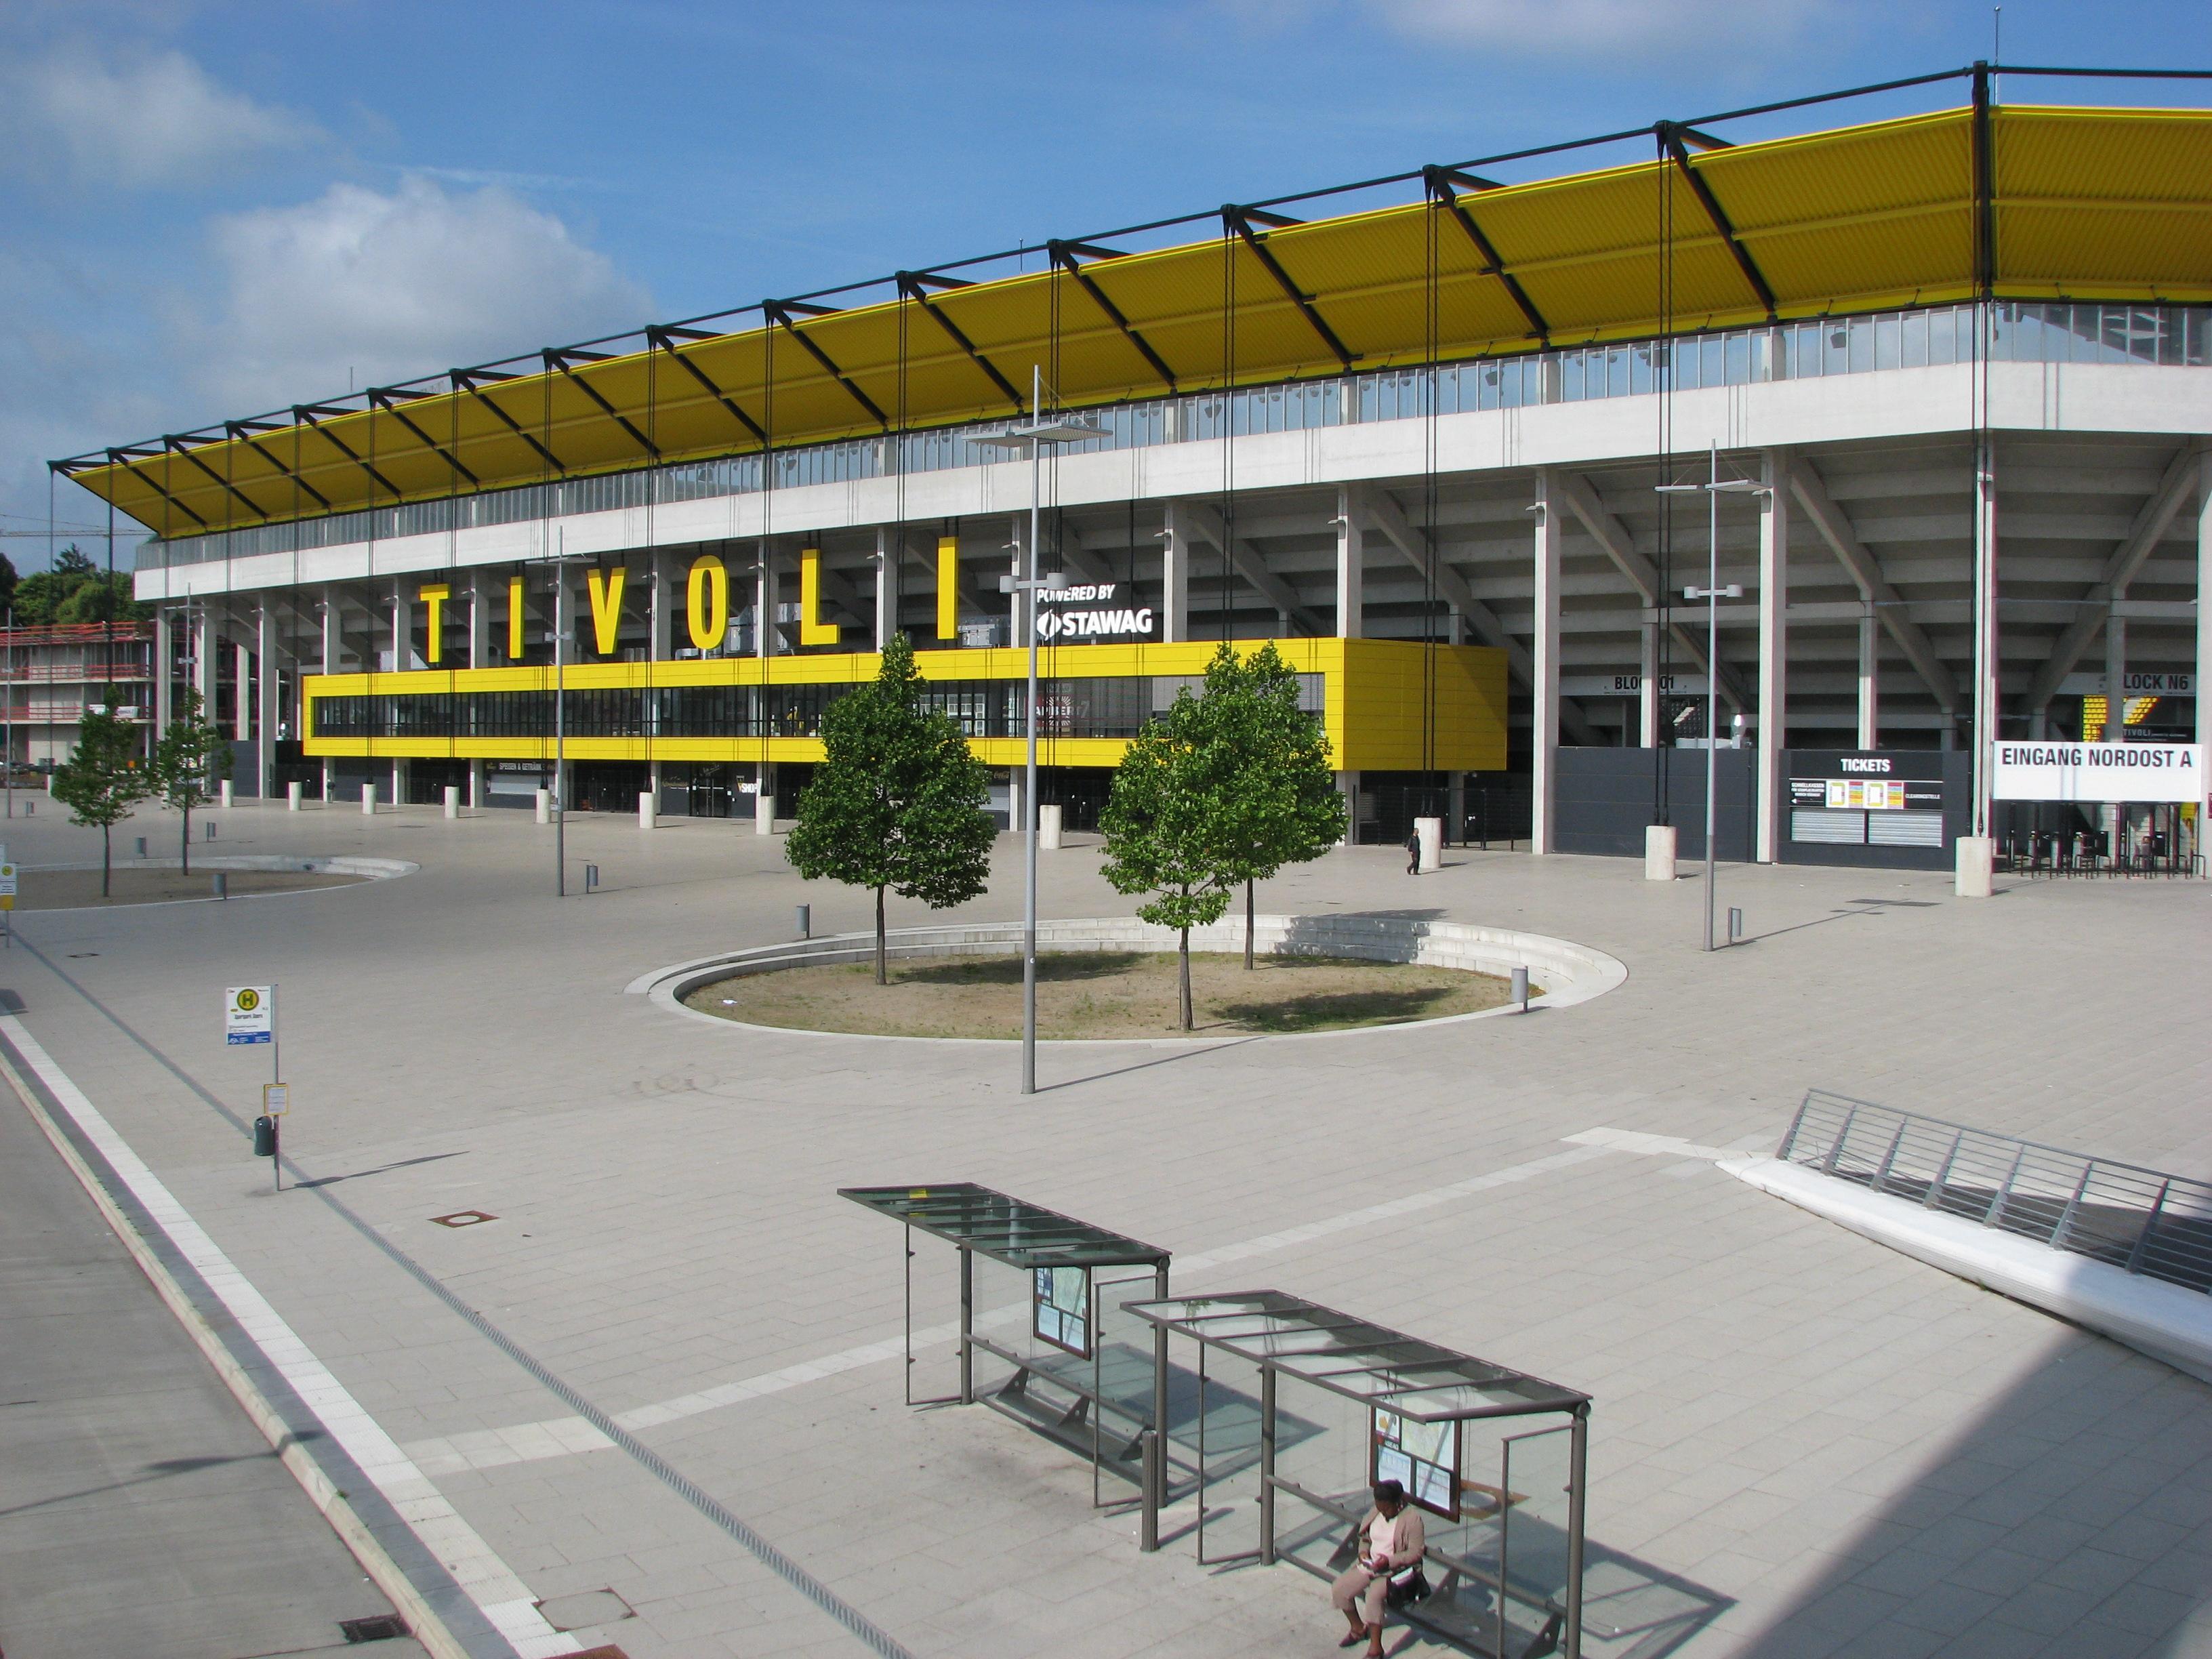 Aachen Tivoli Badminton